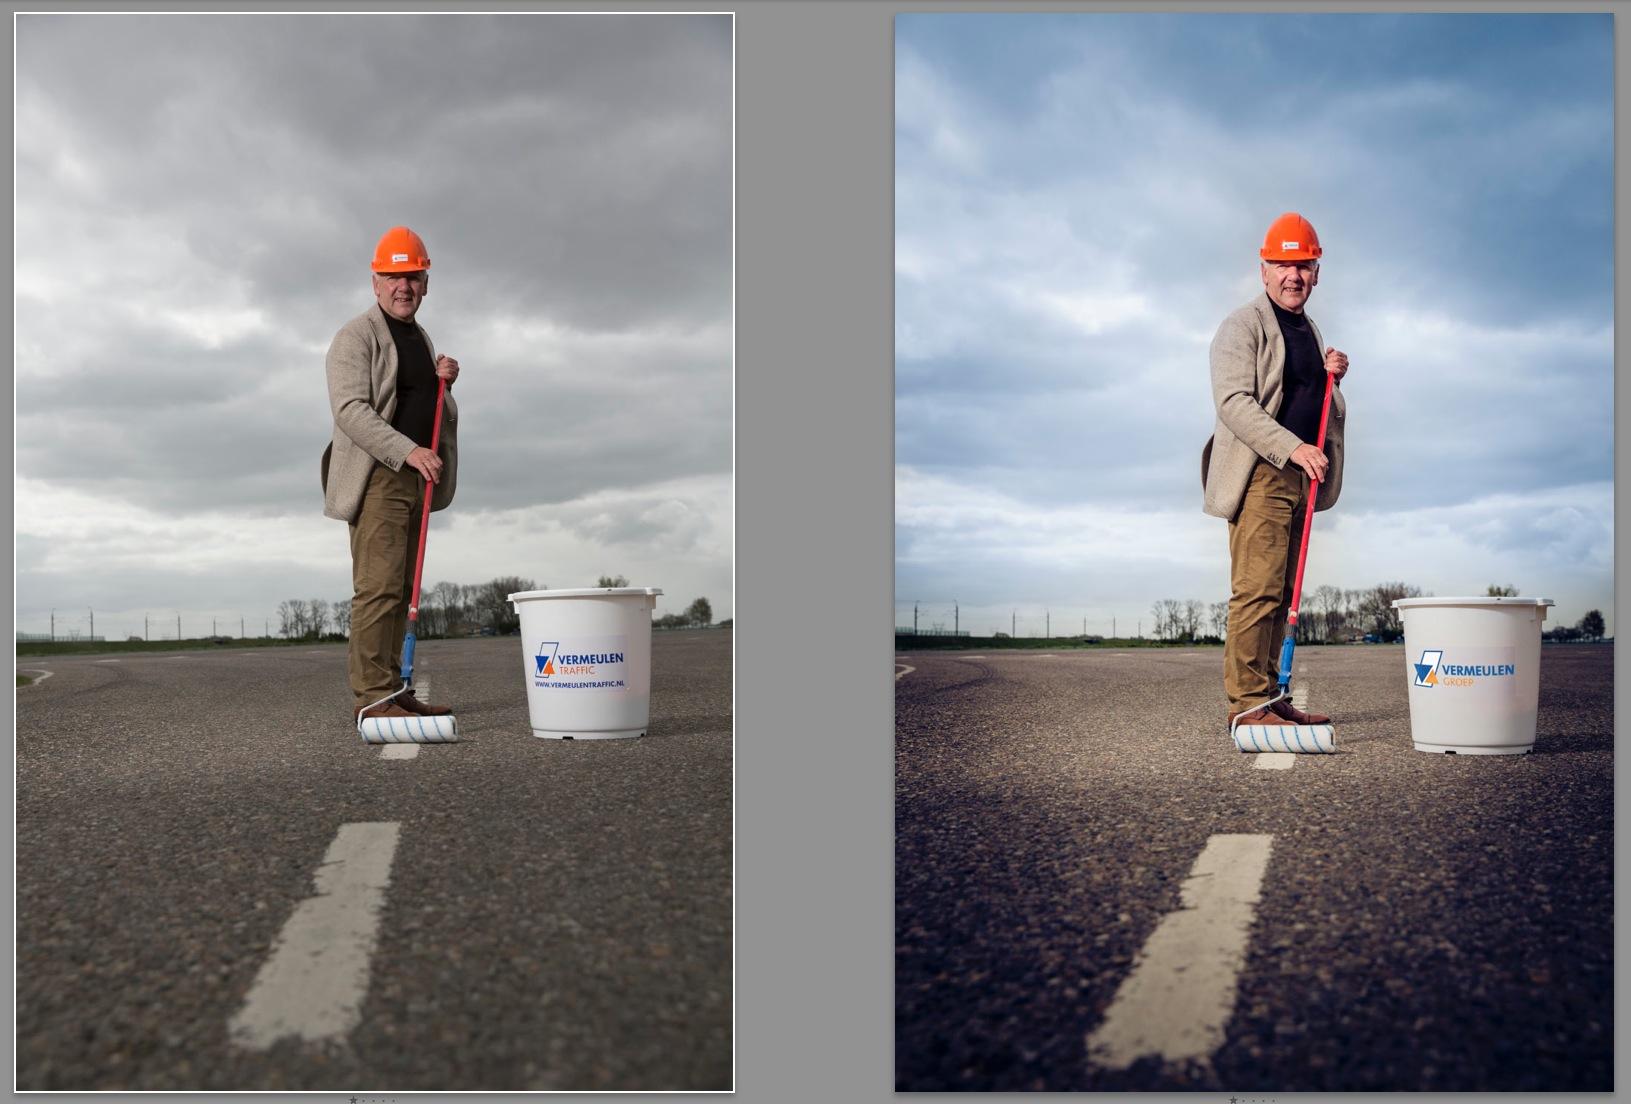 Hier even de bewerkingen op de foto. Links het origineel uit de camera. Rechts de aangepaste versie. Zoals je ziet is hij wat rechter gezet, iets beter uitgelicht en de lucht iets vrolijker gemaakt. Ook de sticker op de emmer is aangepast naar het juiste logo.